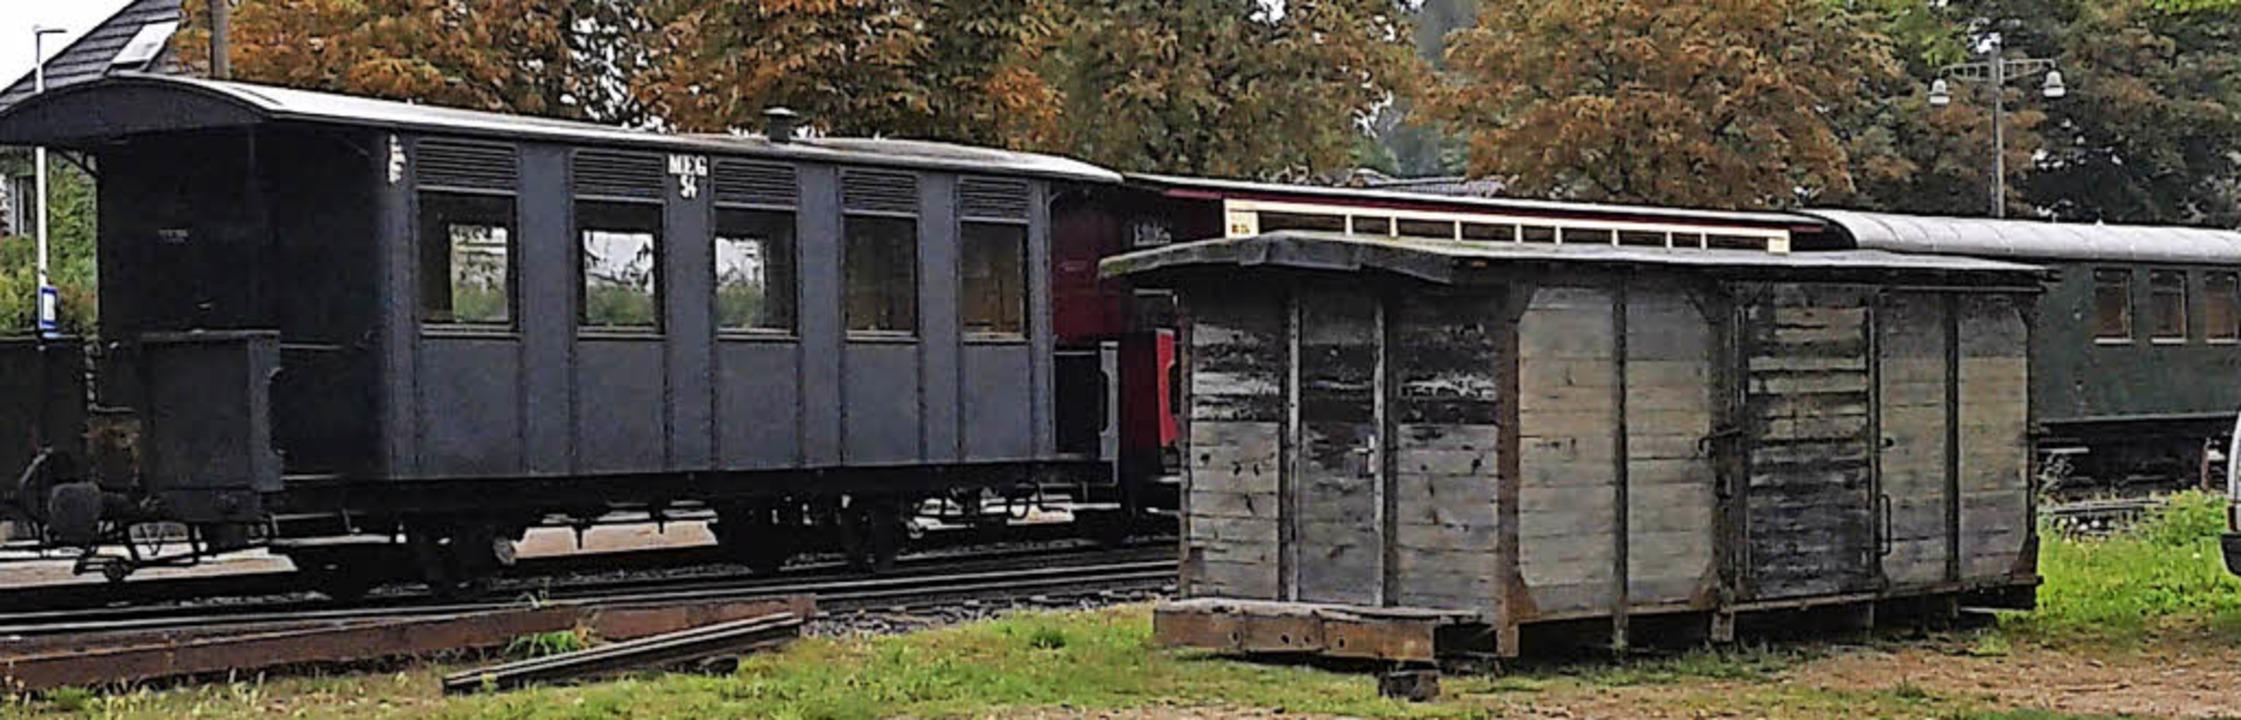 Güterwagen 133 an seinem Bestimmungsor...adischen Eisenbahn-Gesellschaft traf.   | Foto: Martin Kilb